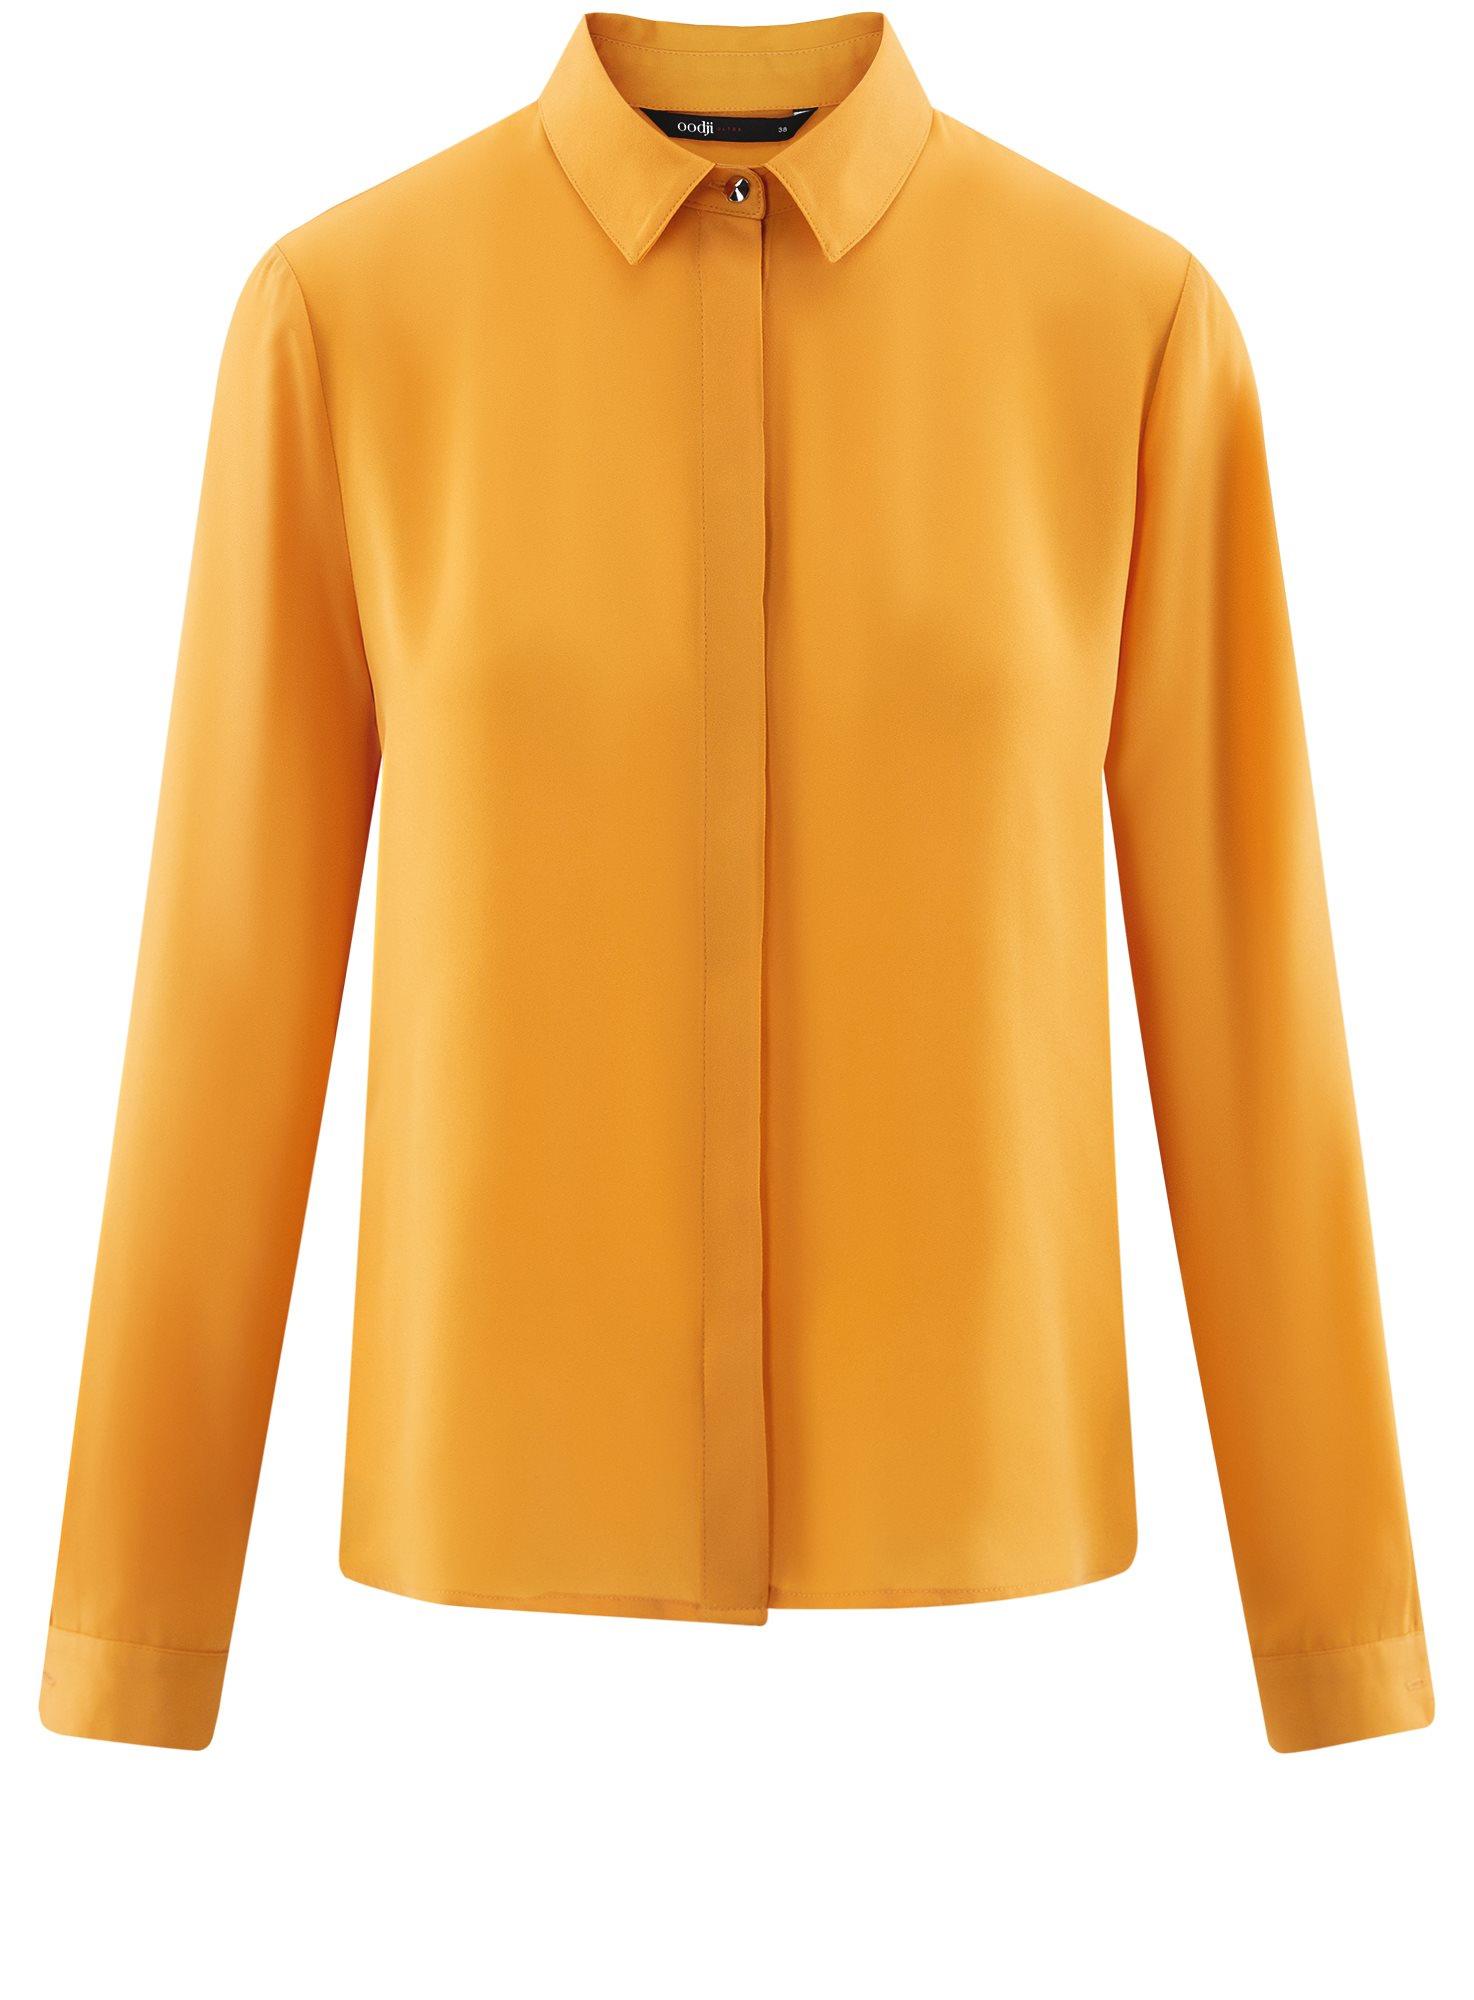 Блузка из струящейся ткани oodji для женщины (оранжевый), 11400368-3/32823/5200N